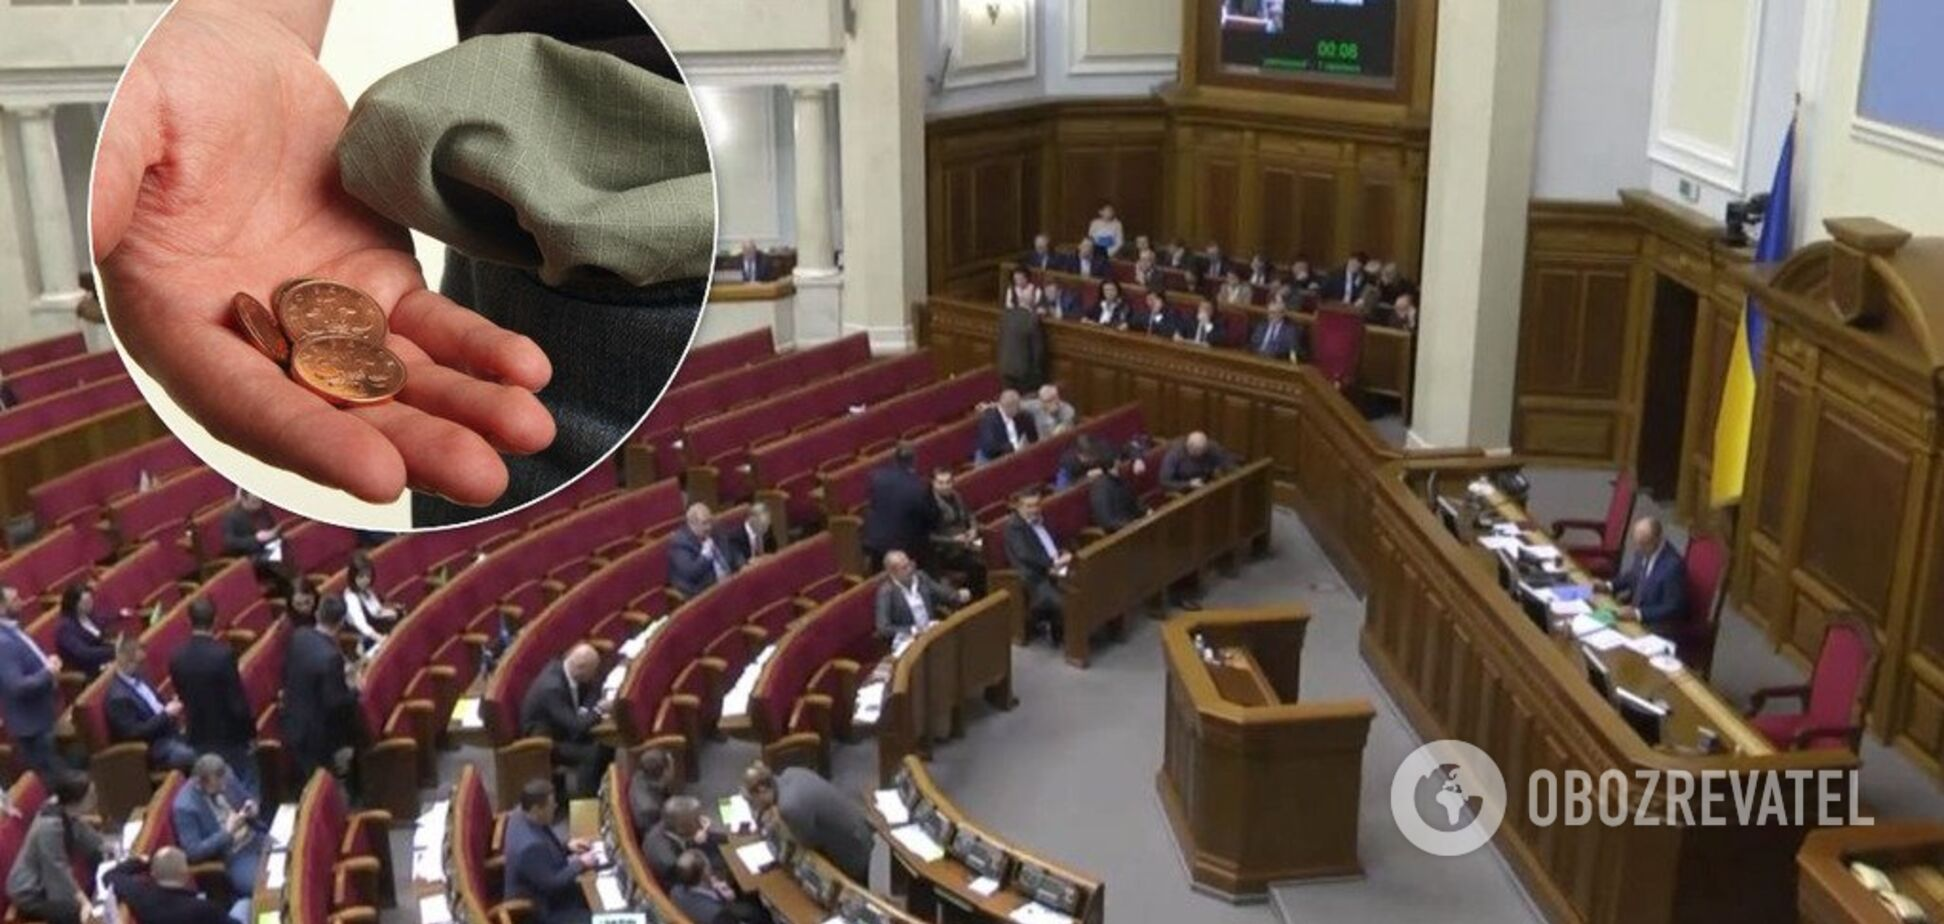 В Україні запропонували різко скоротити зарплати нардепам: з'явився документ